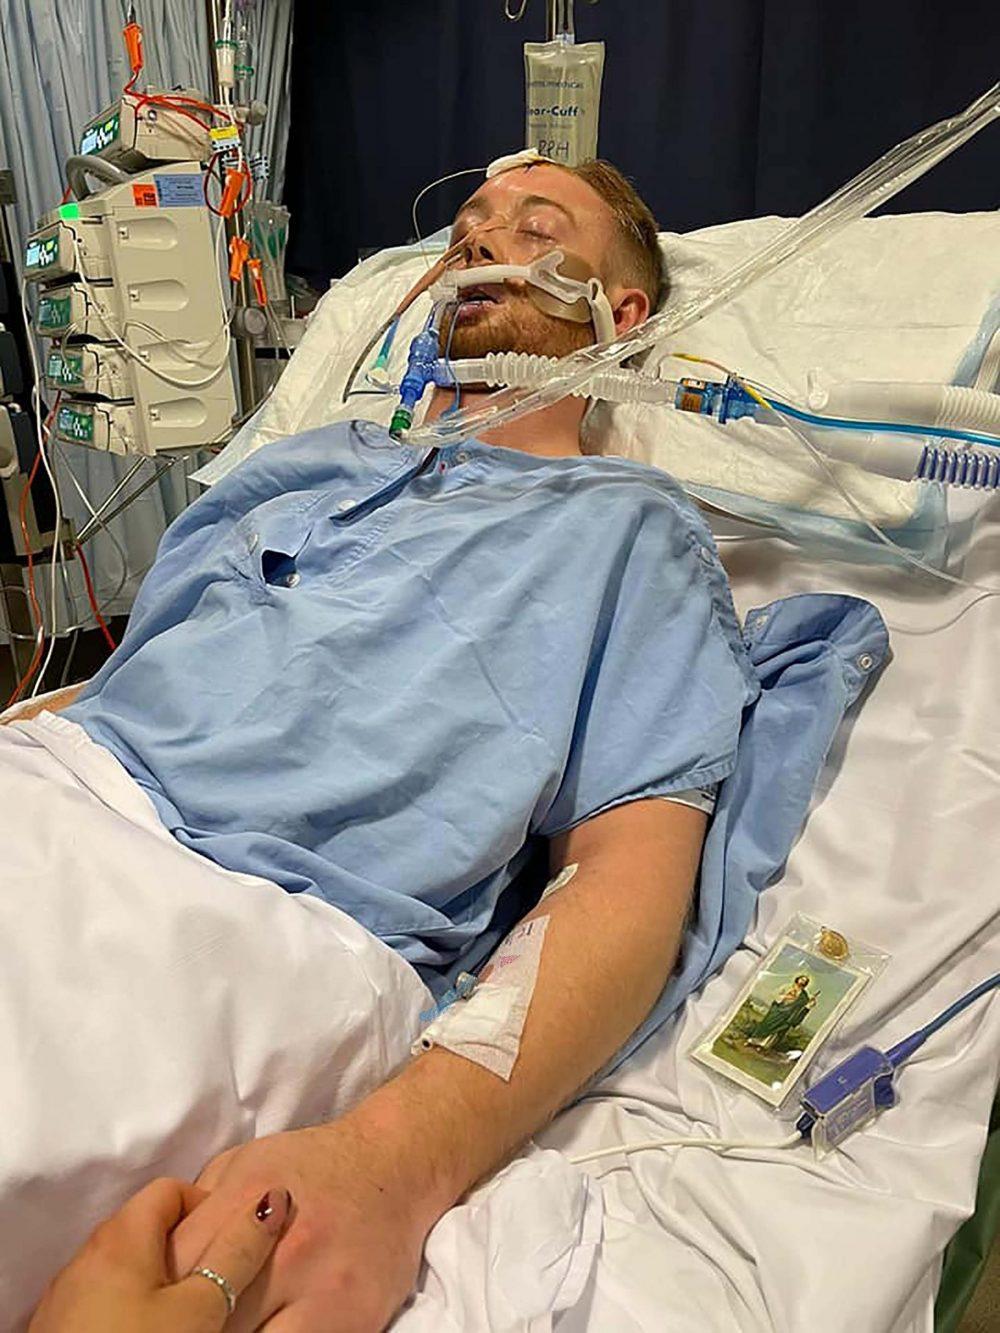 Danny in hospital - UK News